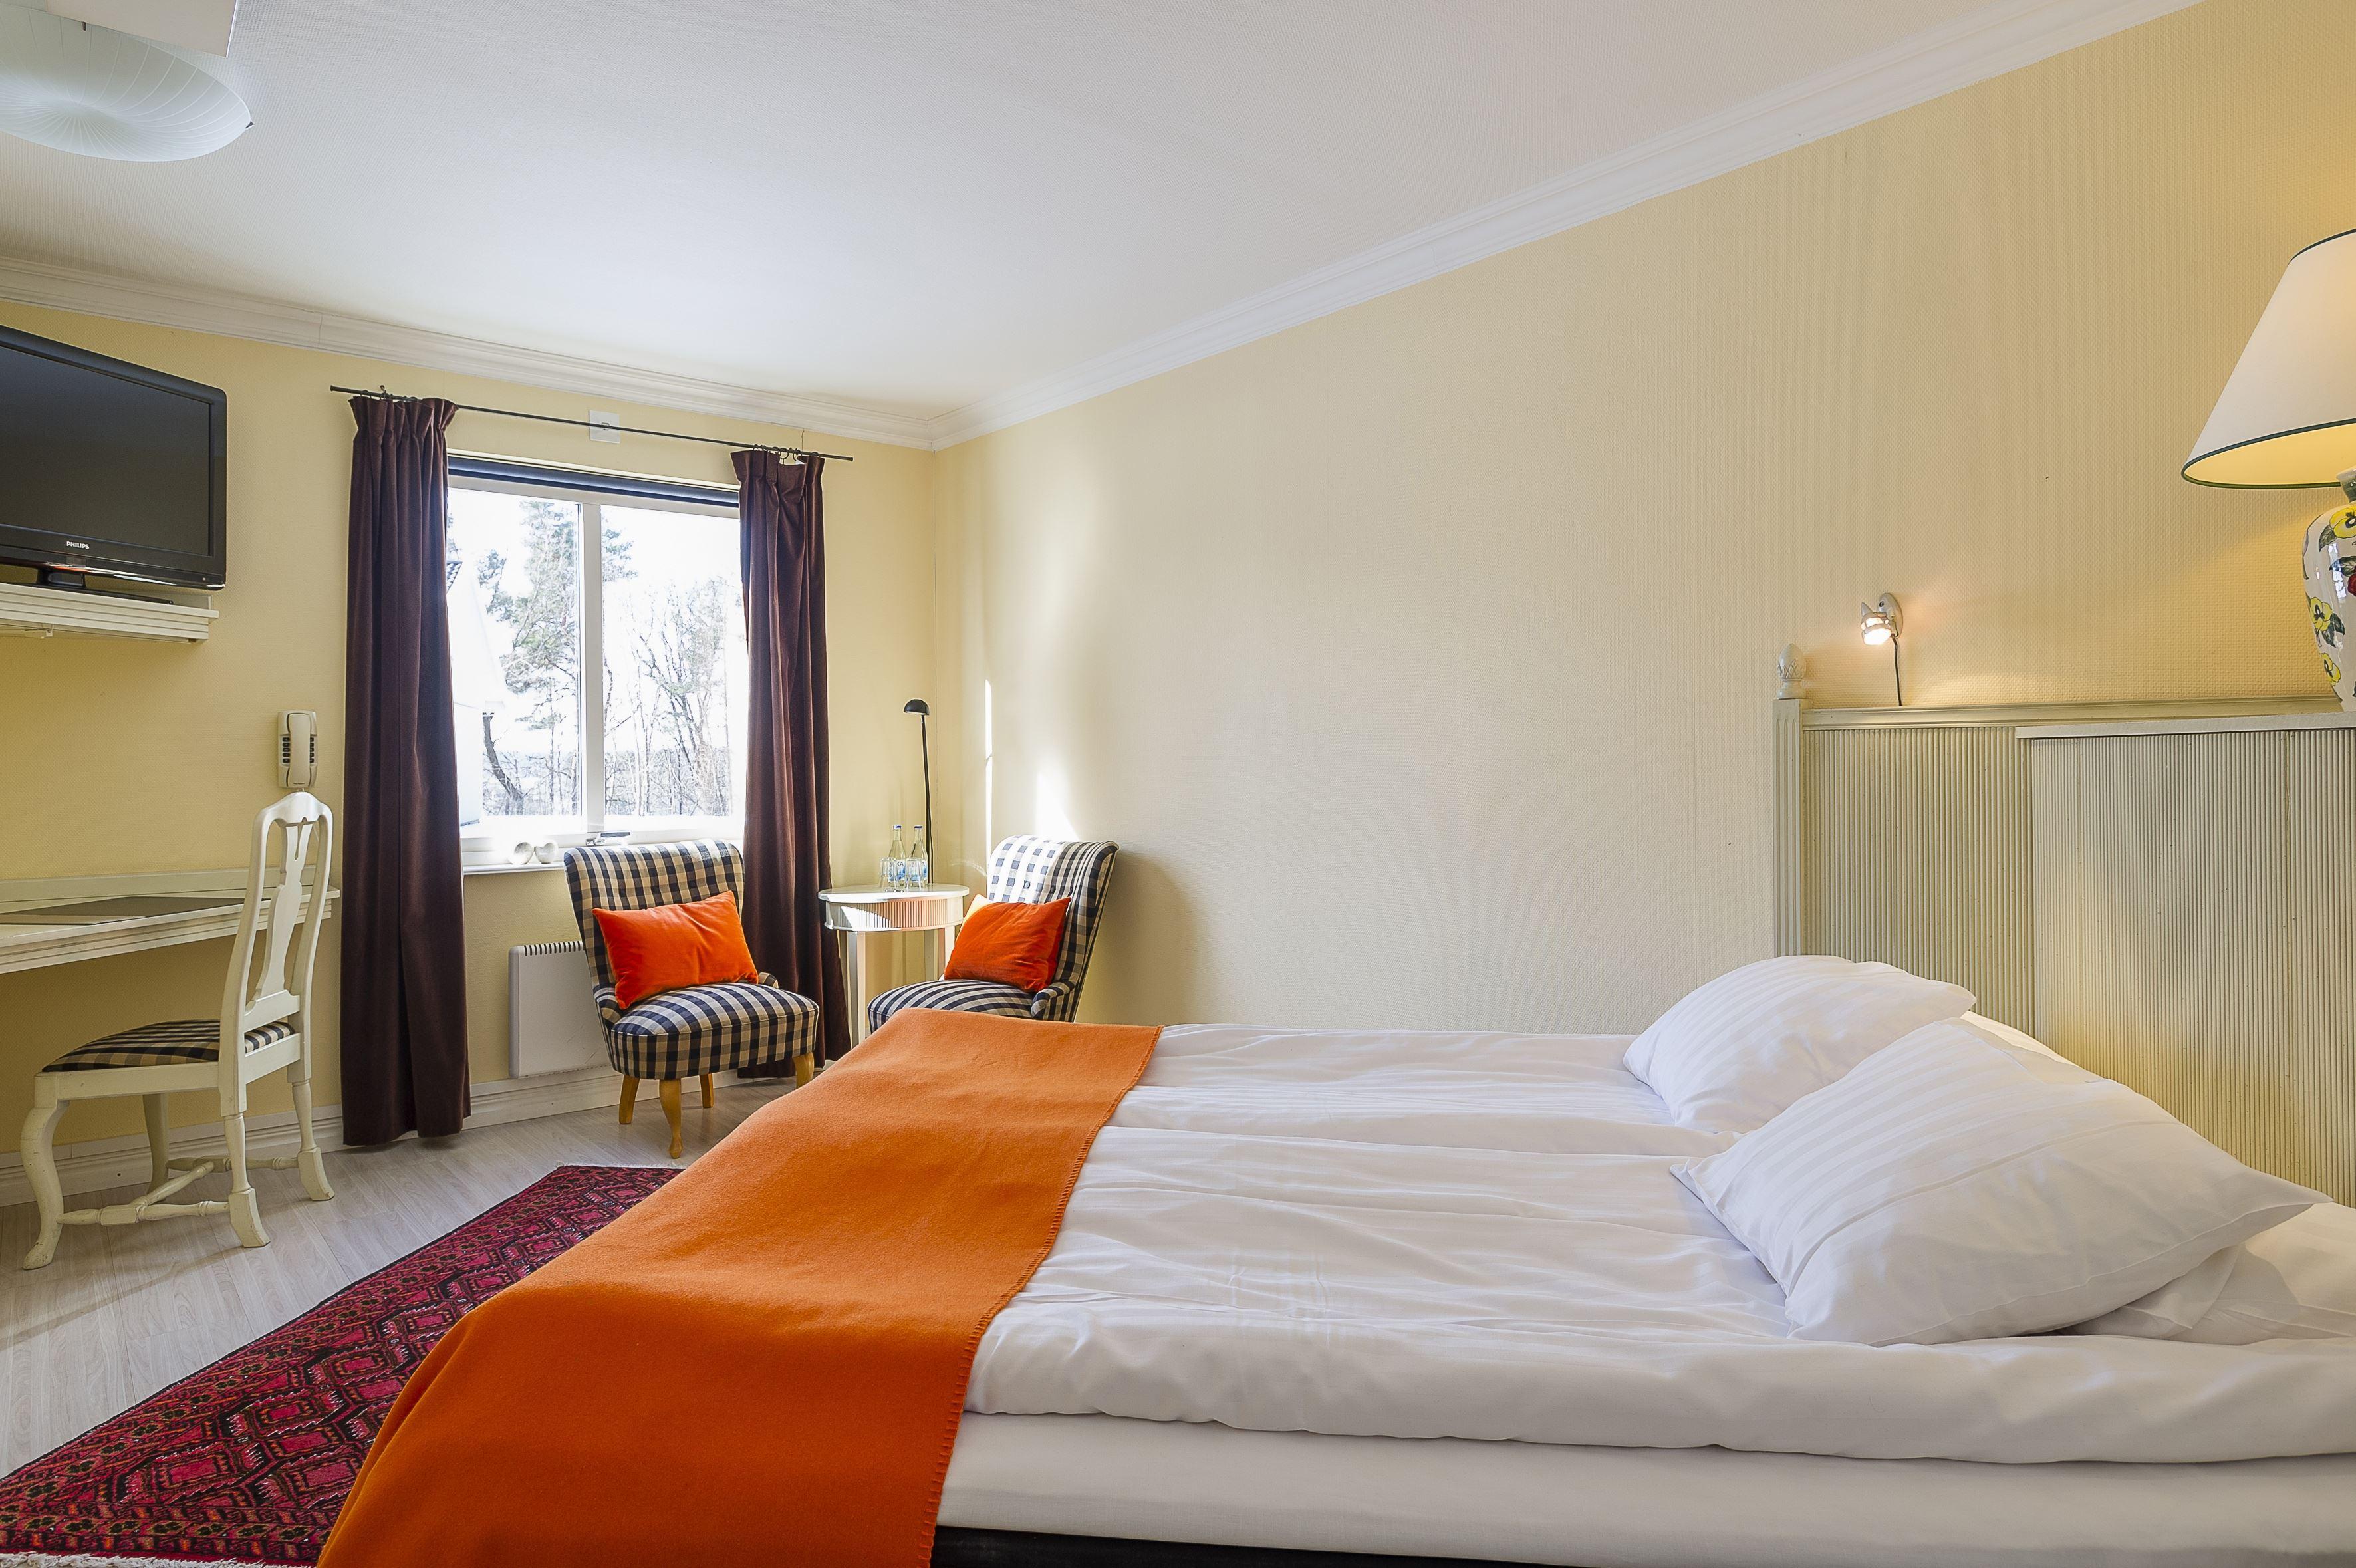 Blommenhof Hotel